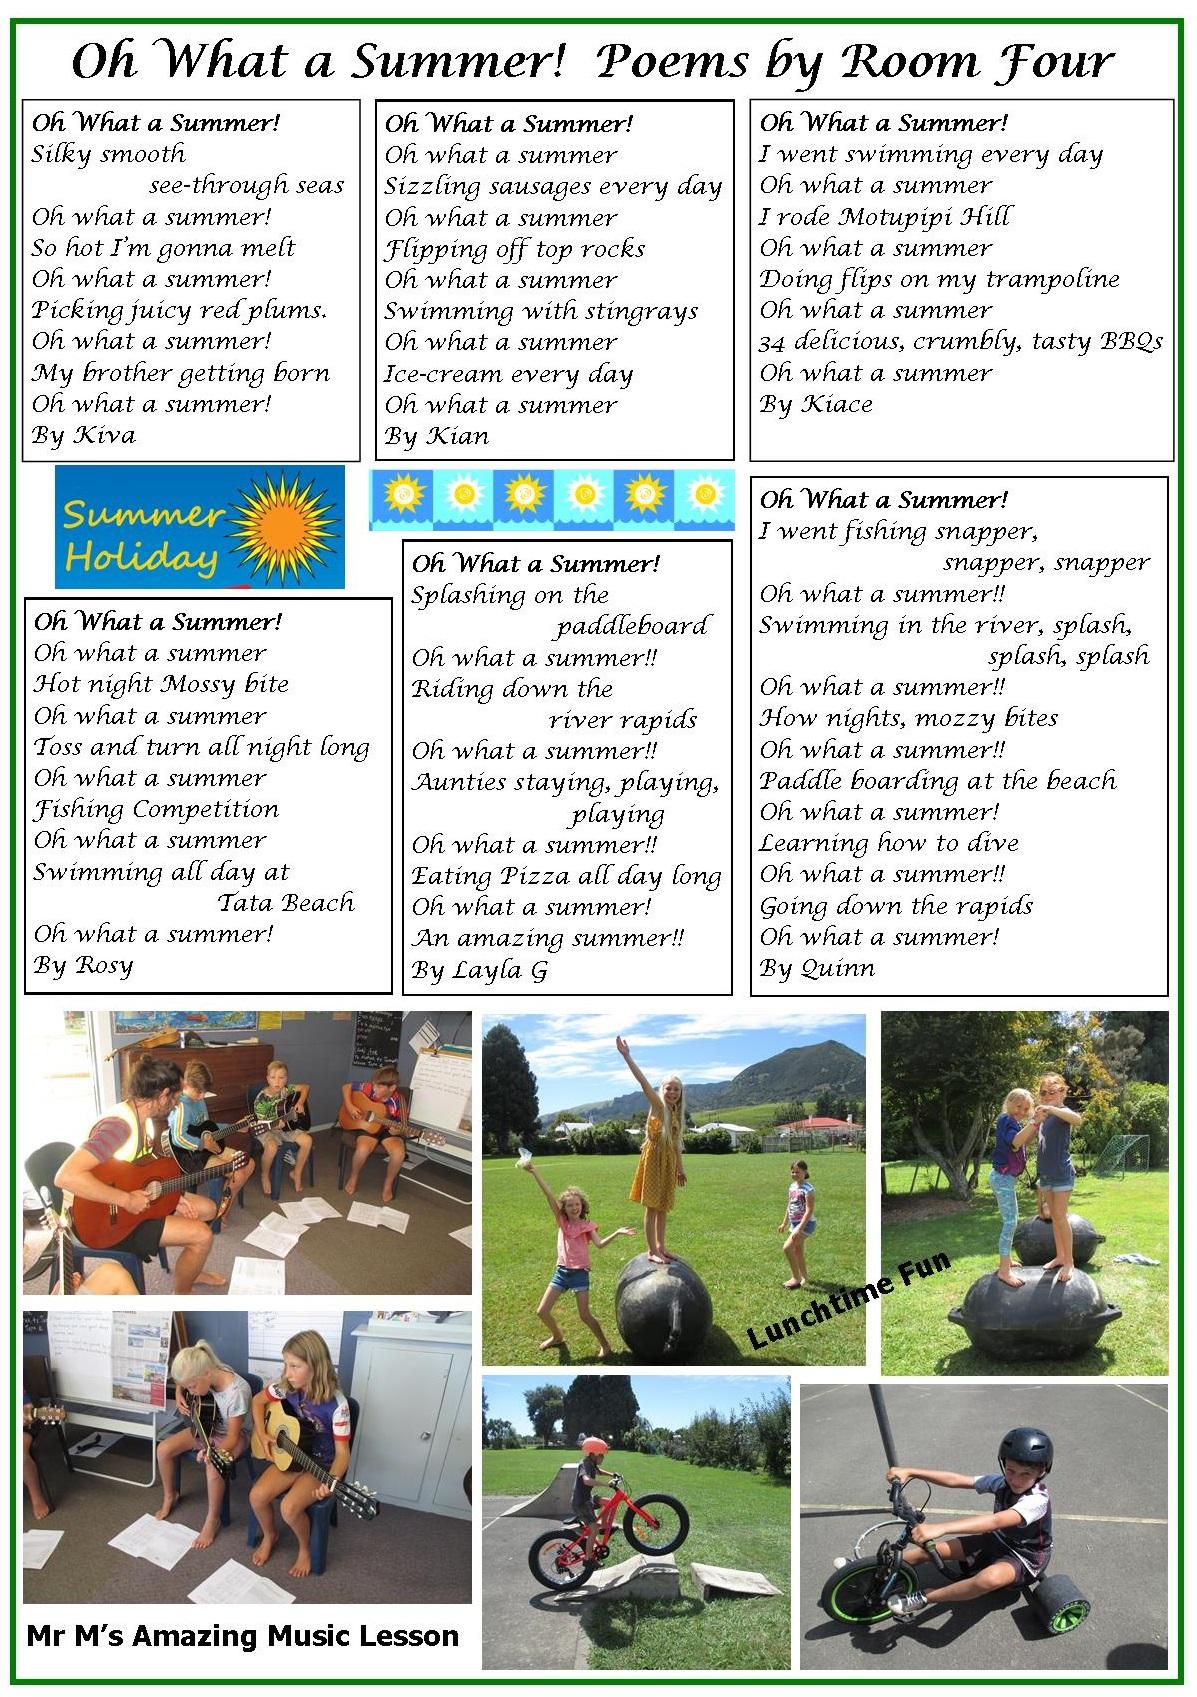 15th Feb Page 3.jpg